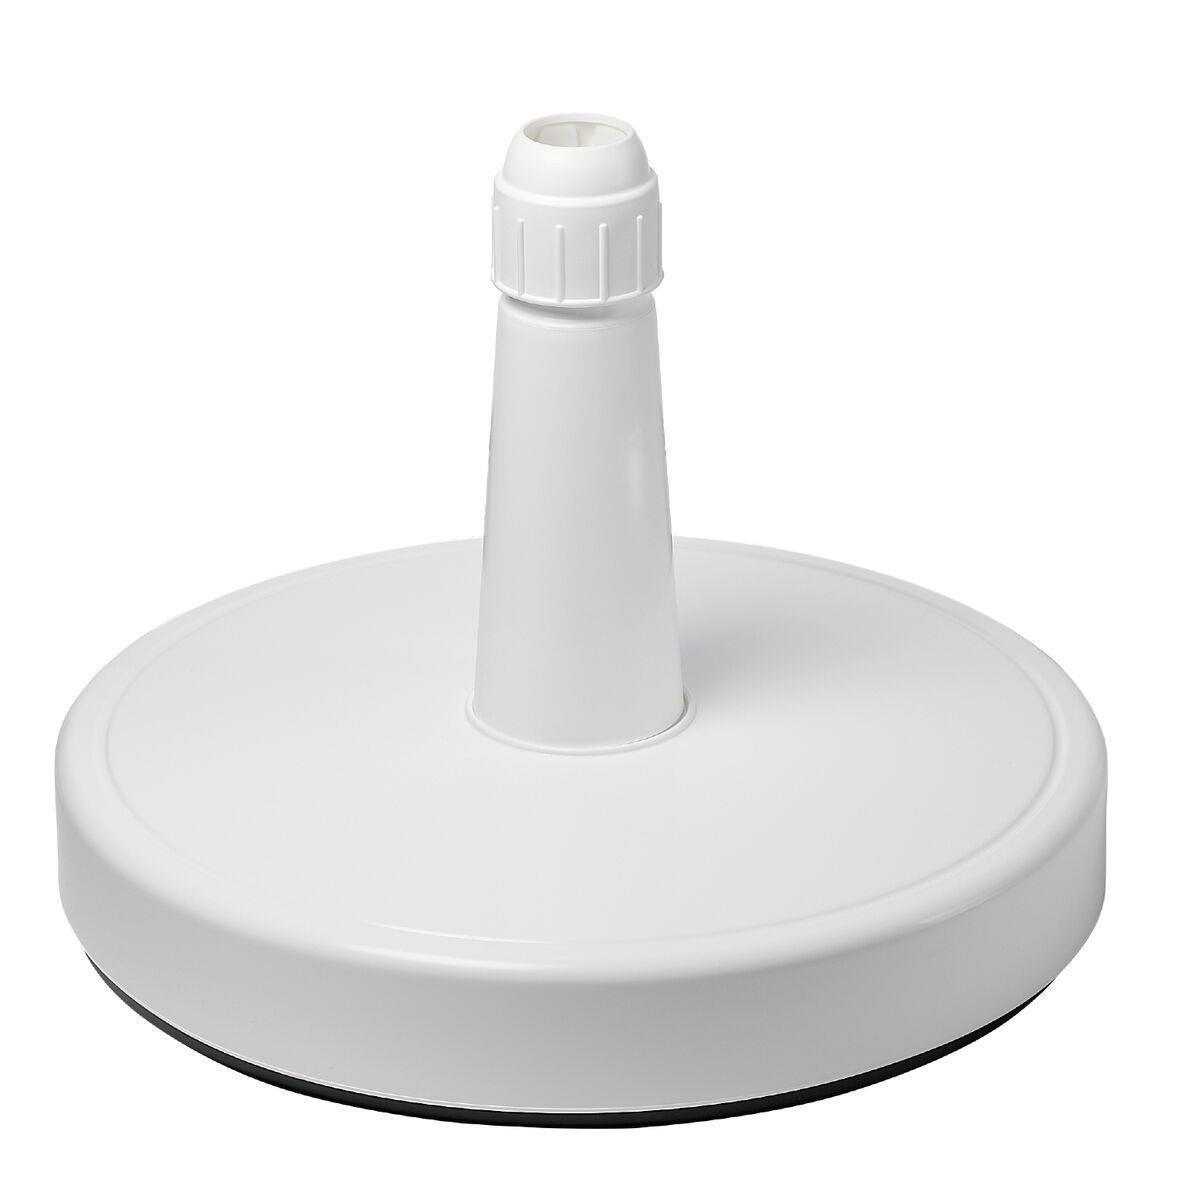 Doppler Ersatzteil Füllsockel Marktschirmständer PVC zum zum zum Füllen mit Sand aea25f